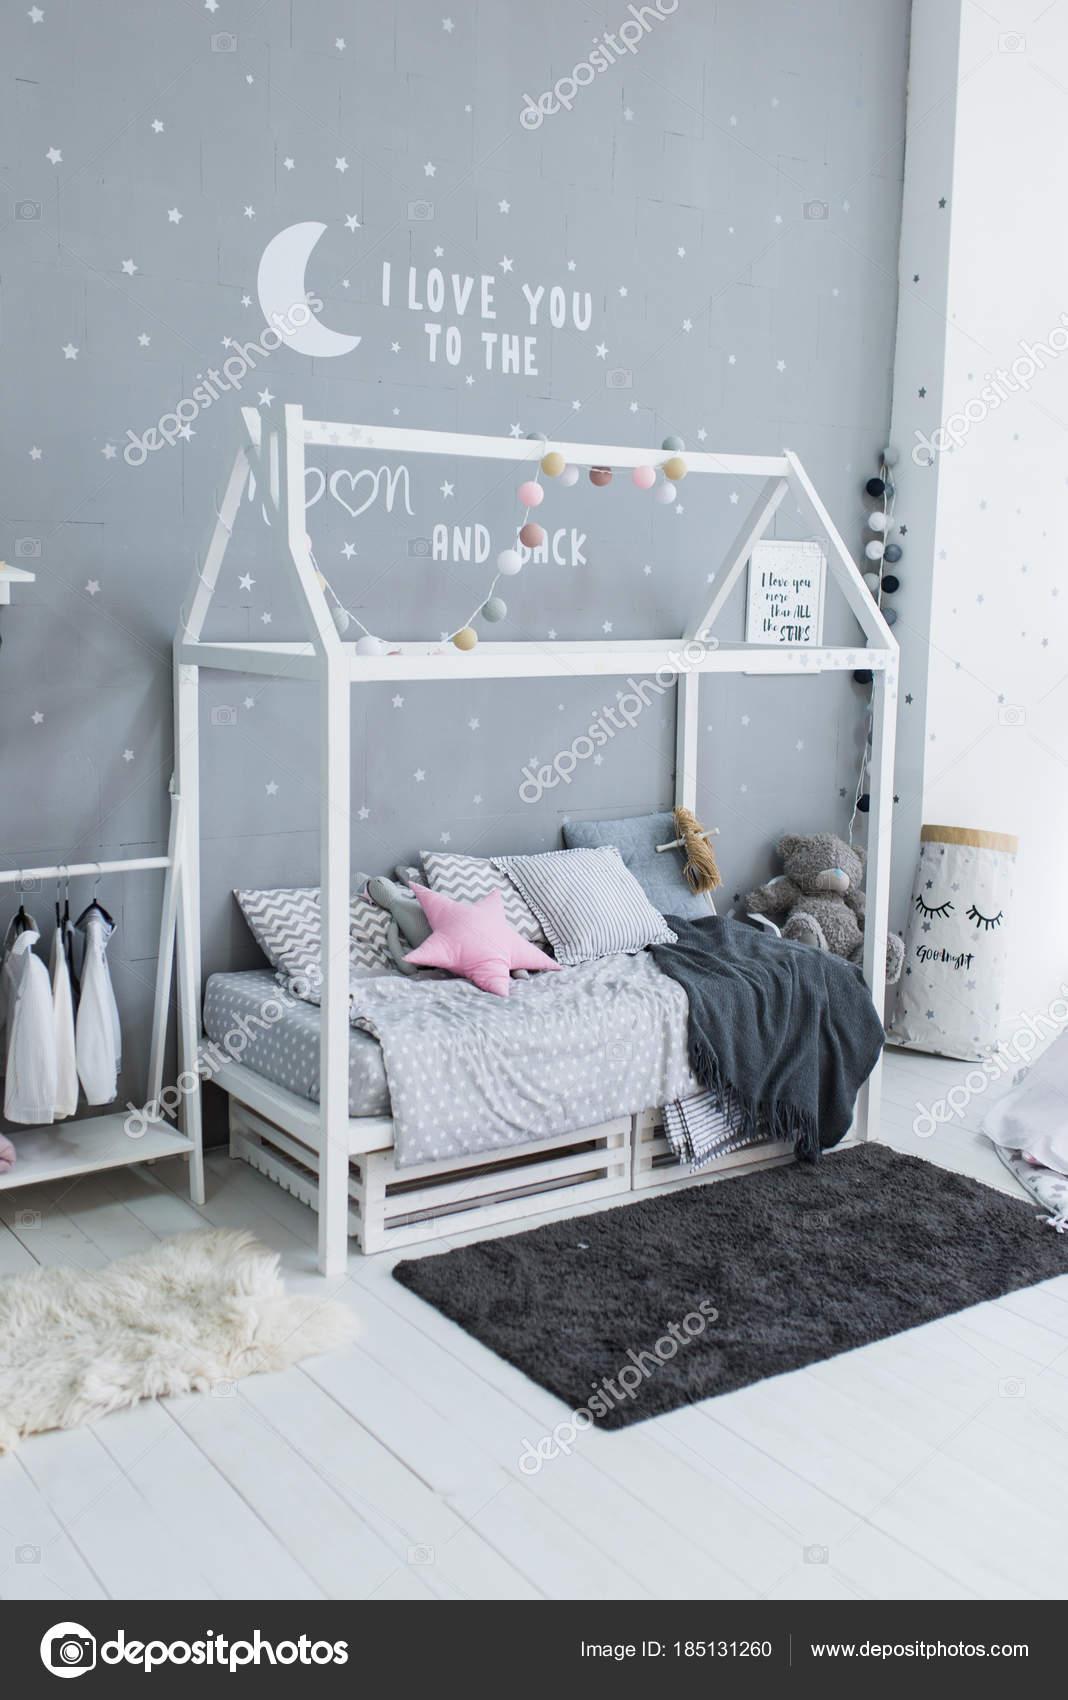 Camera letto bambini fabulous camera da letto ikea with camera letto bambini trendy with - Camera per bambini usata ...